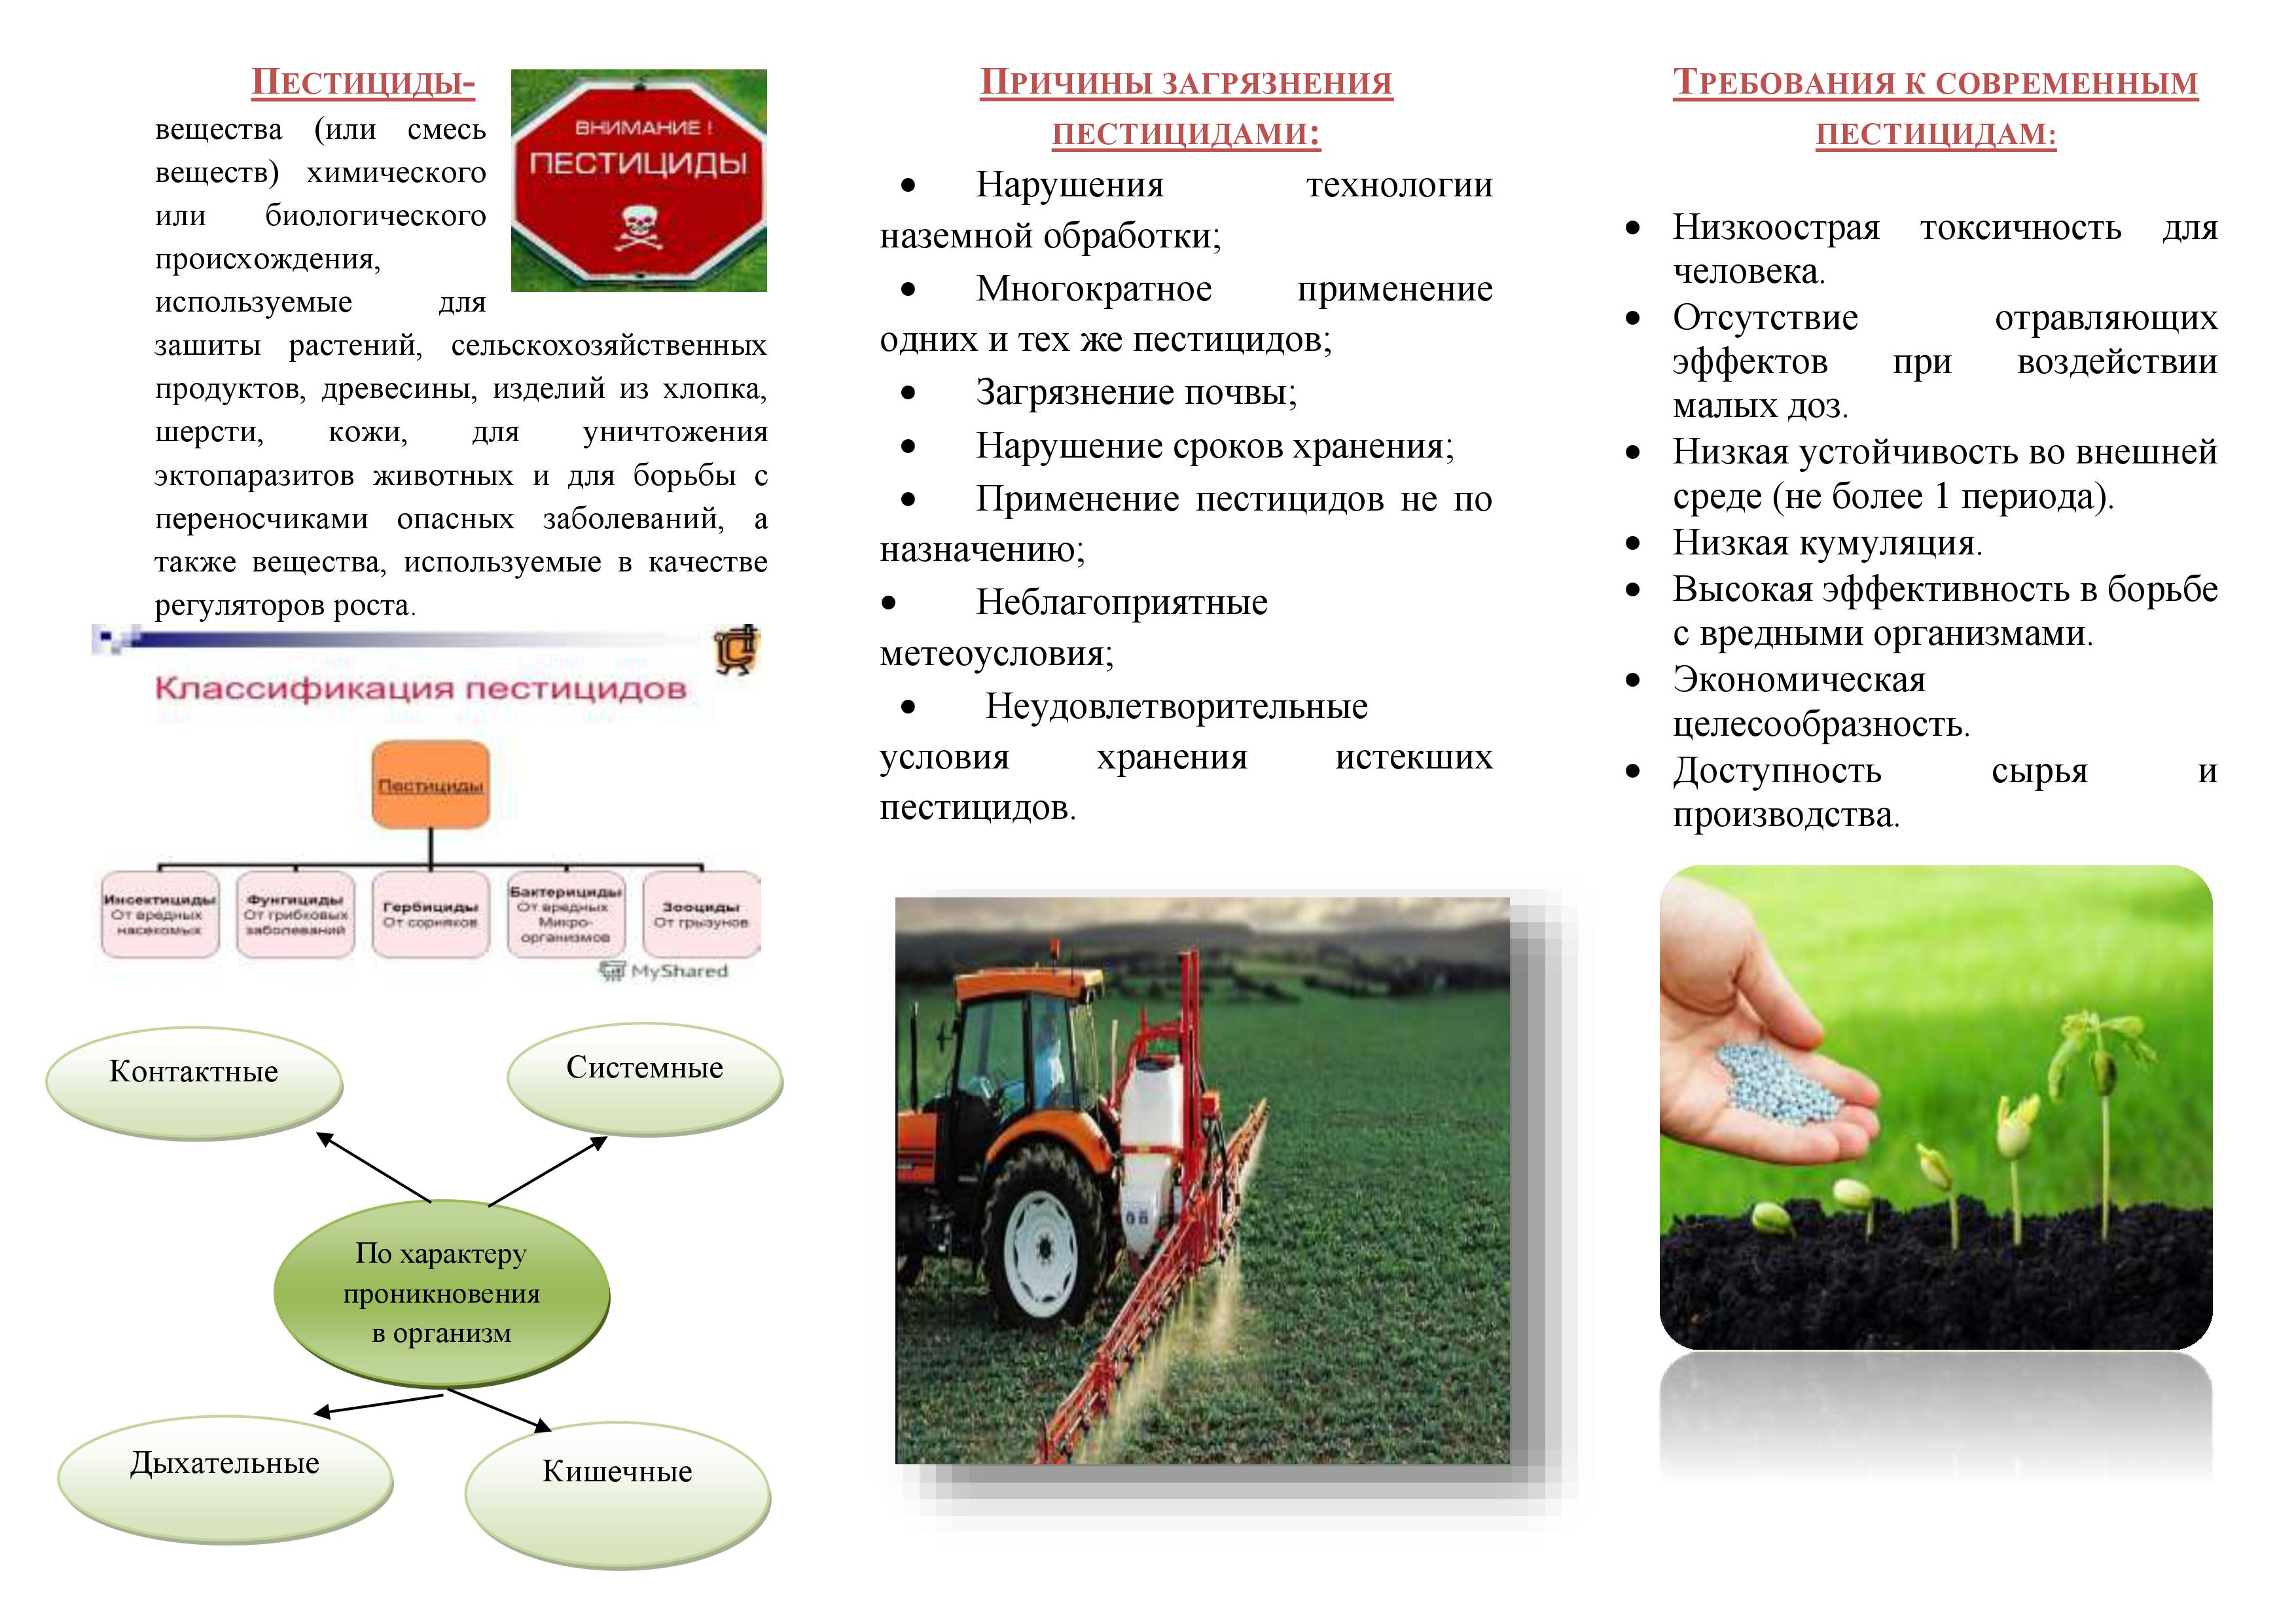 Контактный пестицид | справочник пестициды.ru